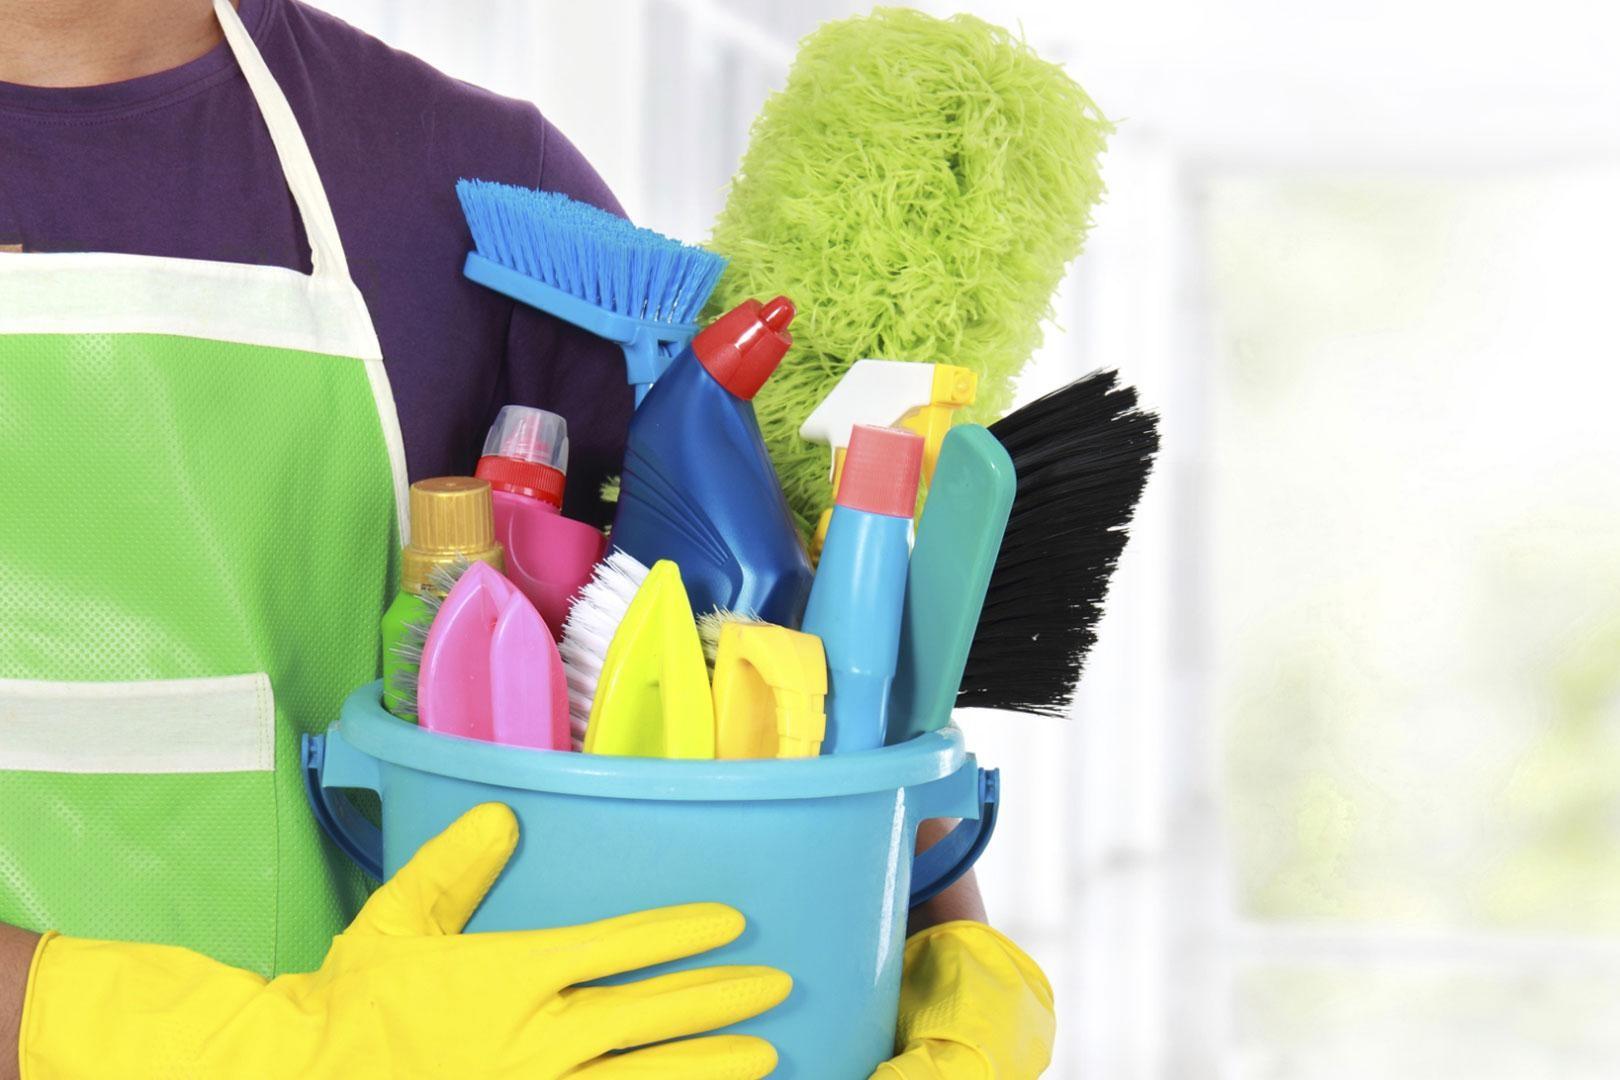 Chuẩn bị những thiết bị vệ sinh cần thiết